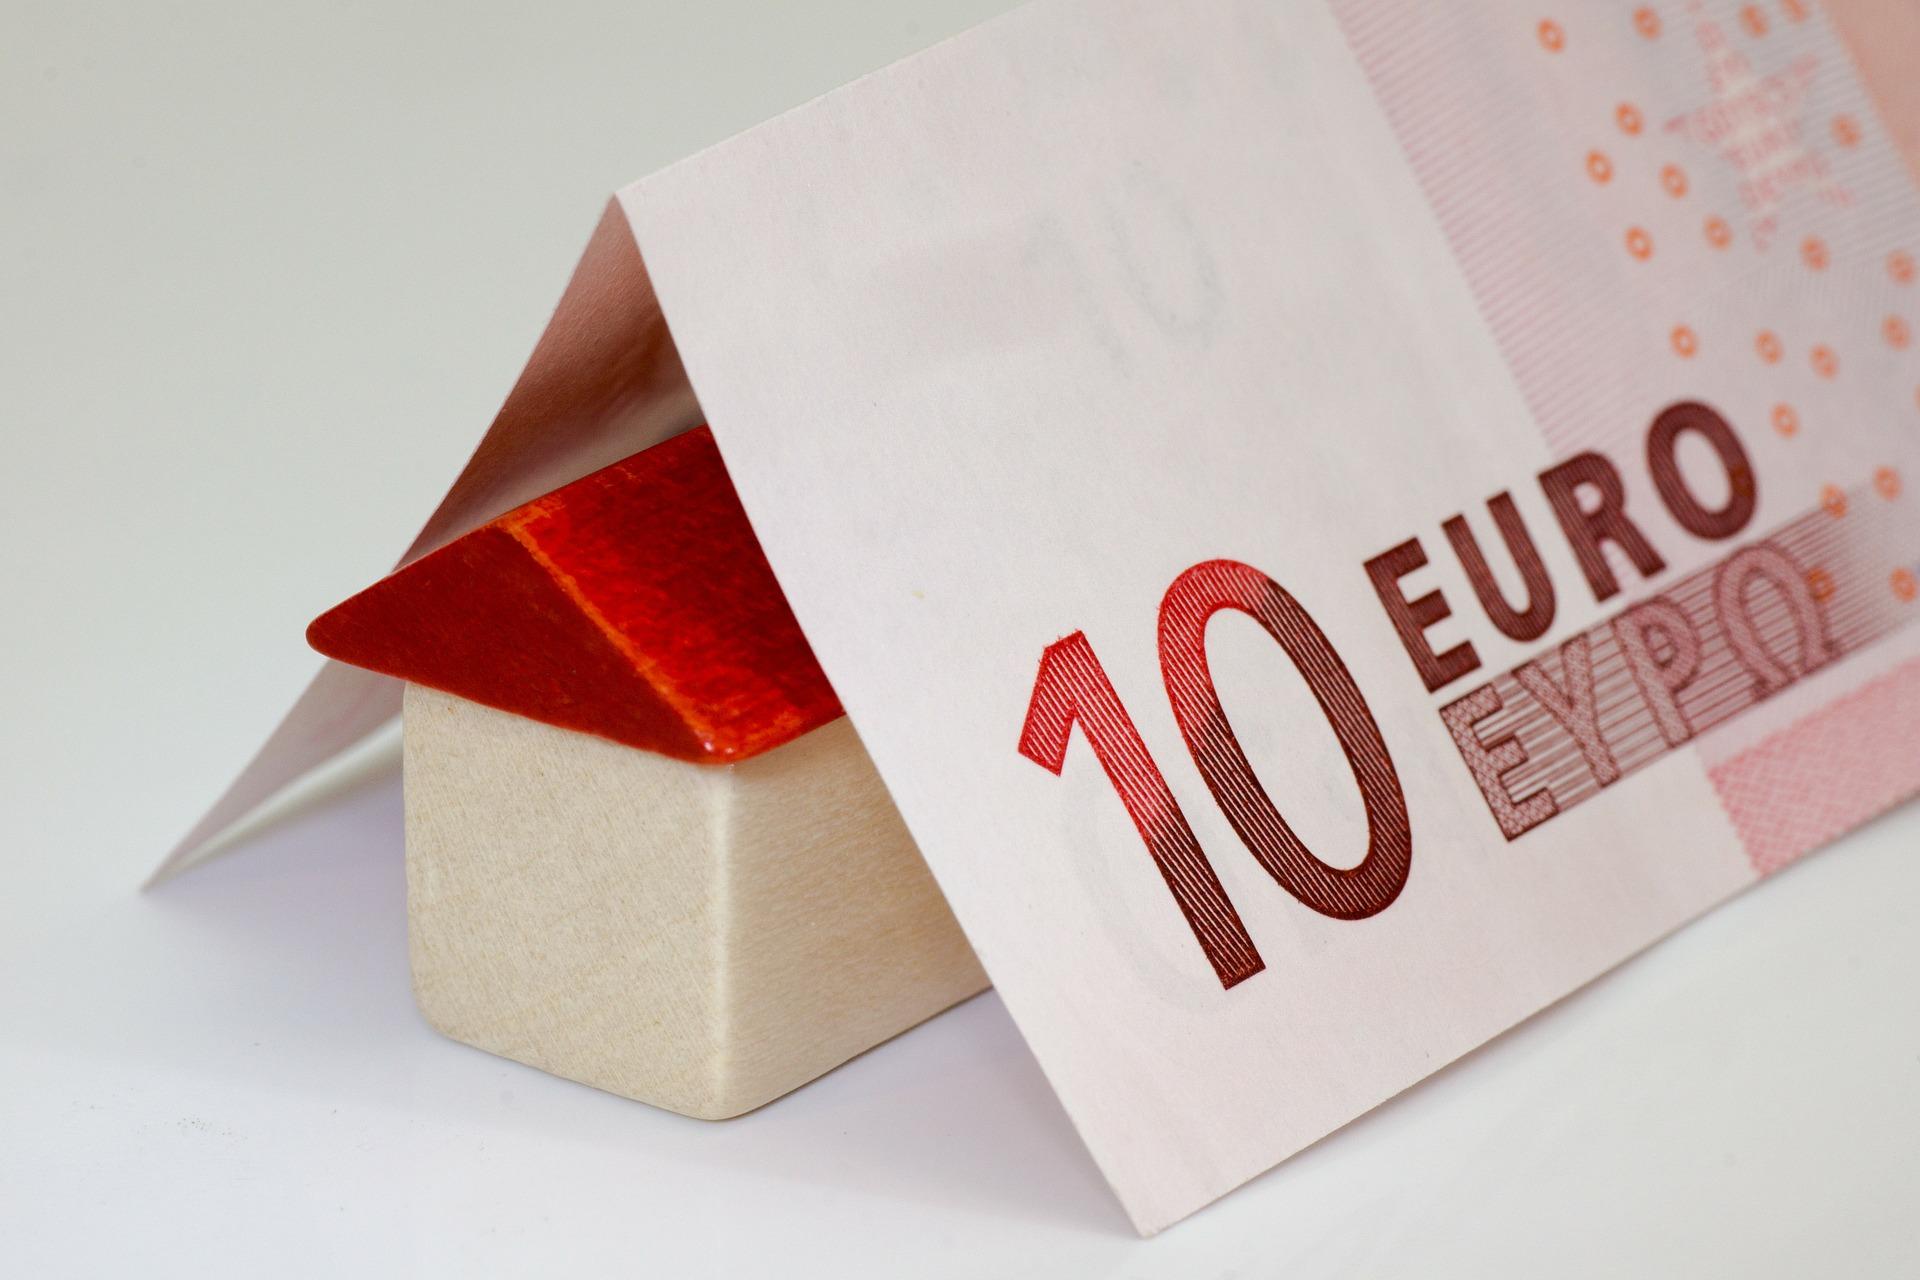 Euribor de abril de 2021: -0,484%